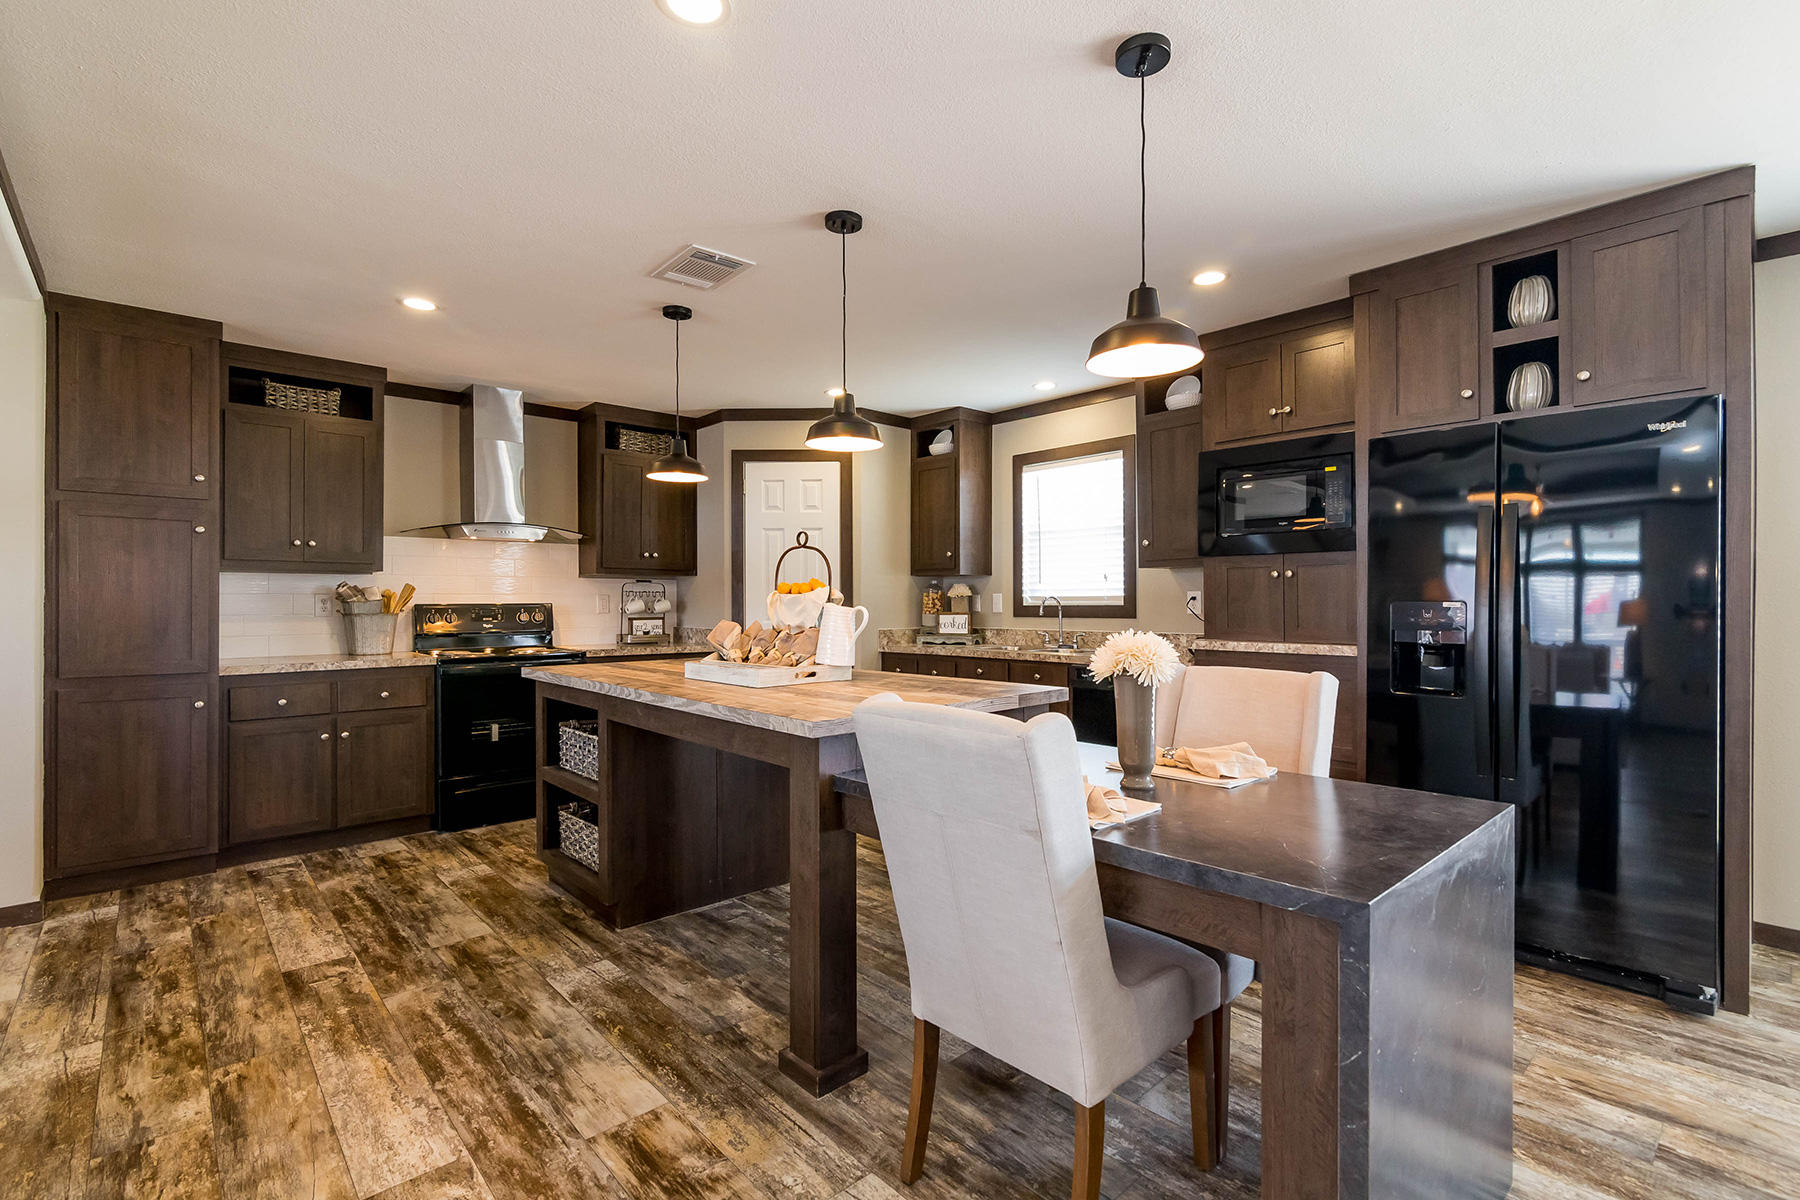 Sedona Plan, Oklahoma City, OK 73149 - 4 Bed, 2 Bath Single-Family on